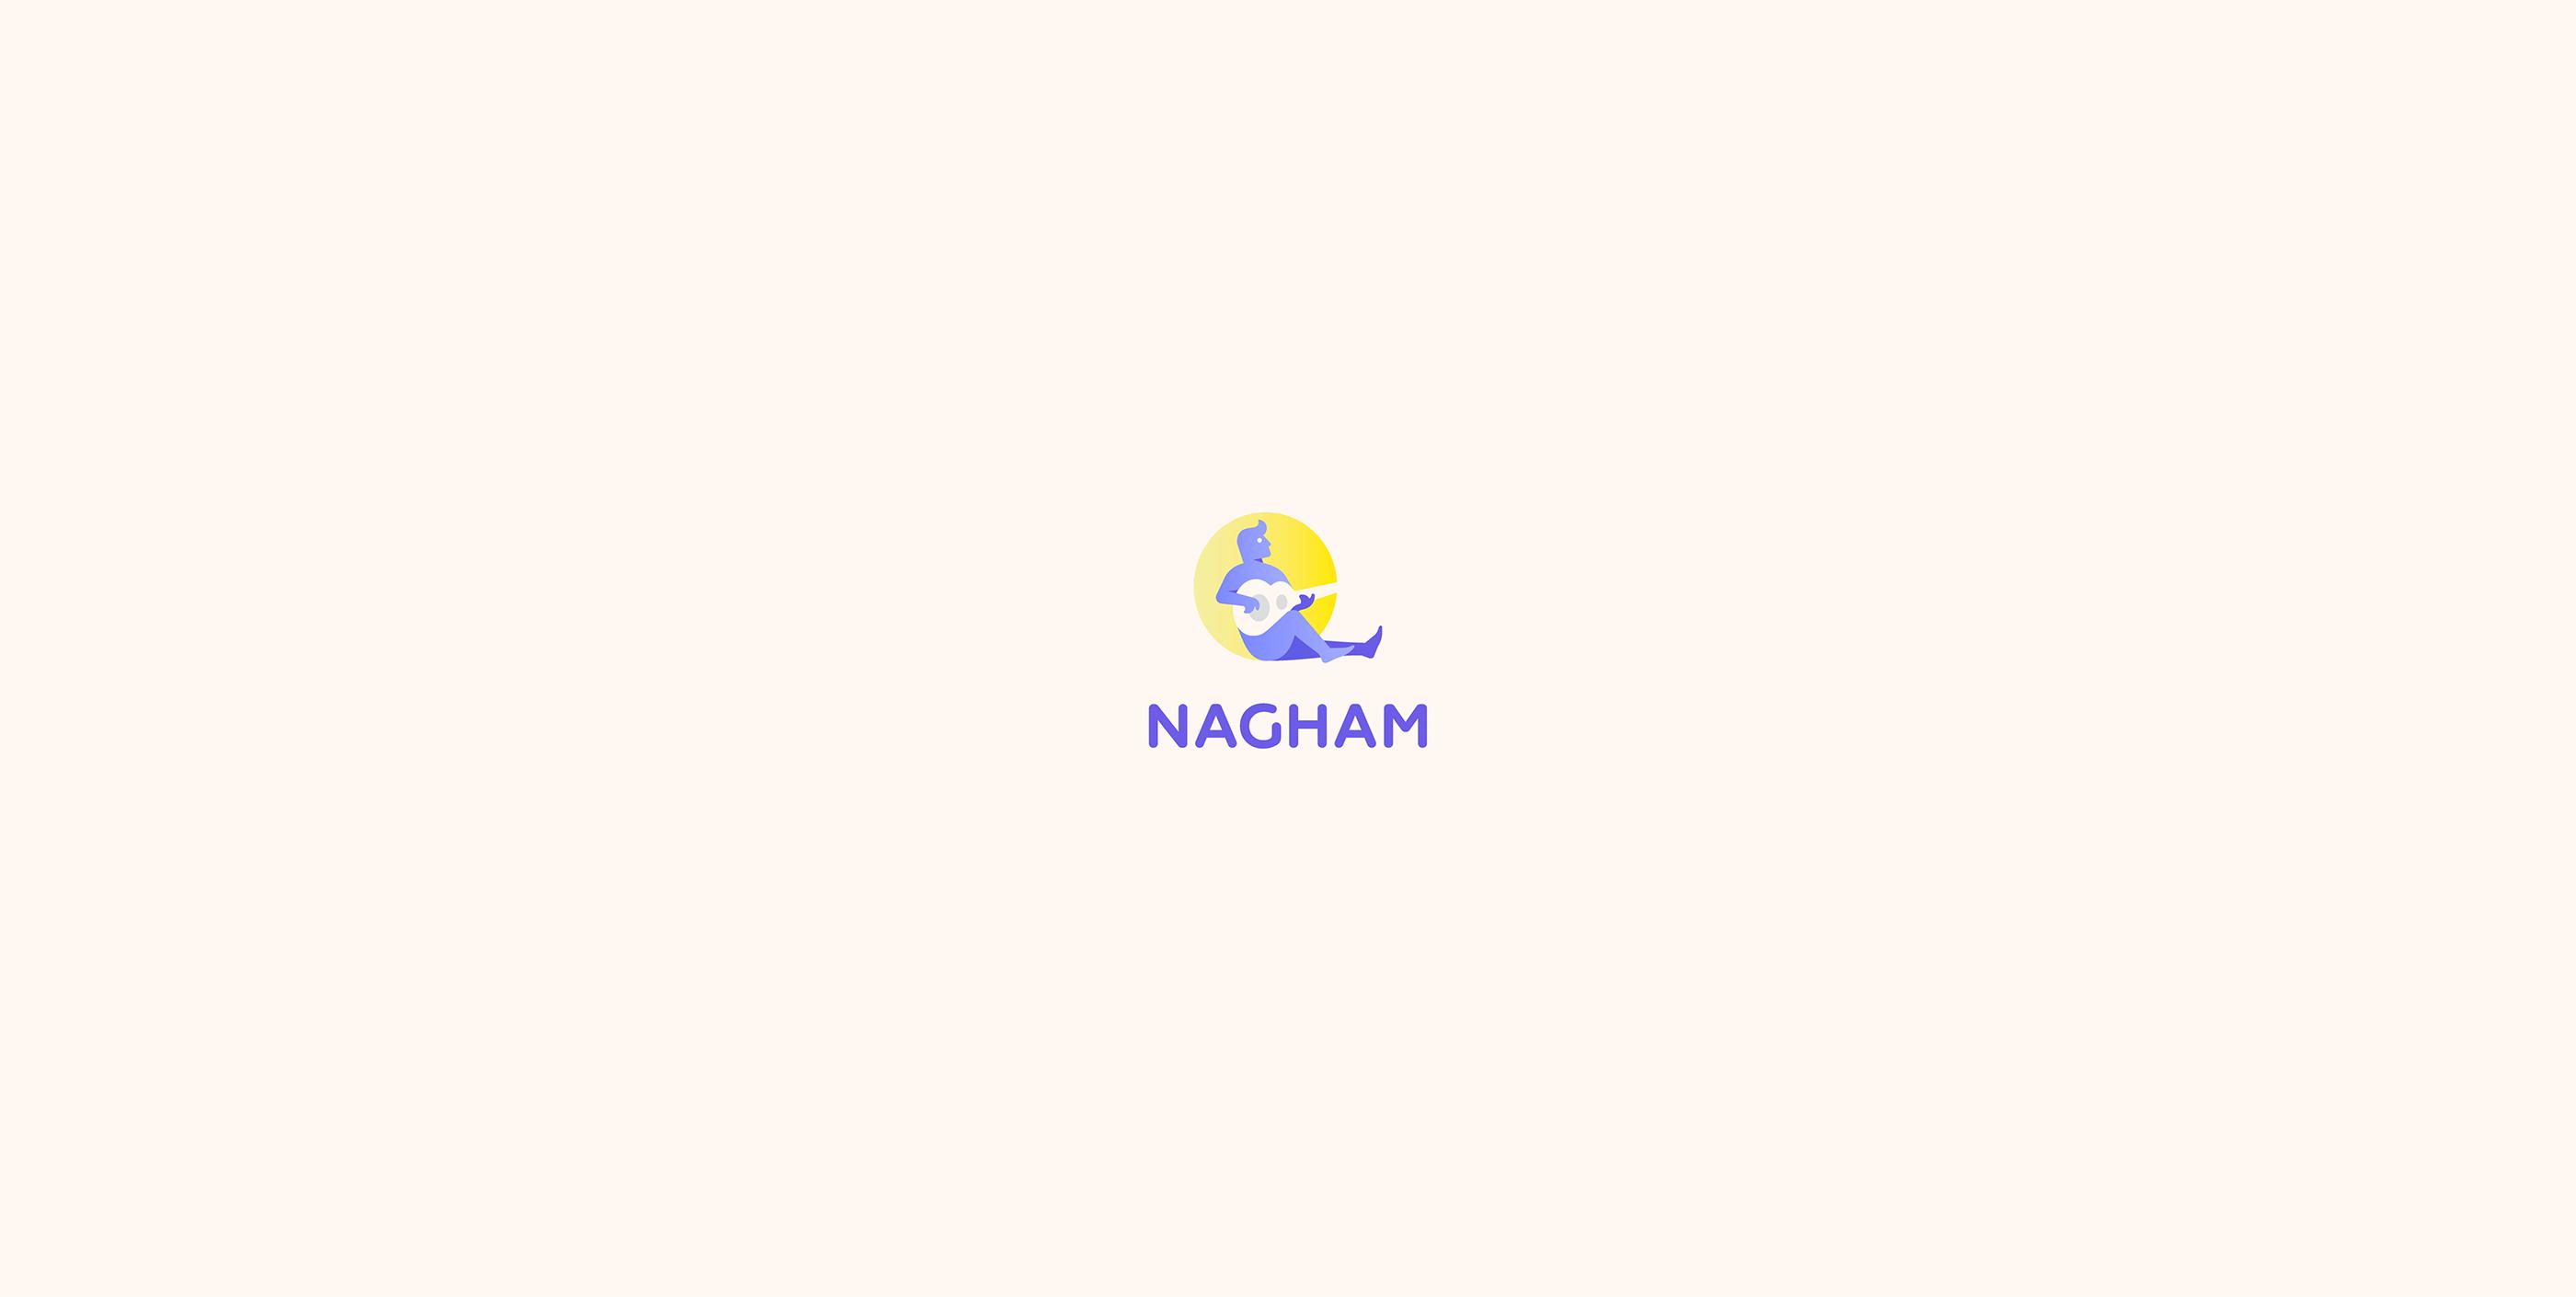 埃及设计师Mohi Hassan标志设计欣赏